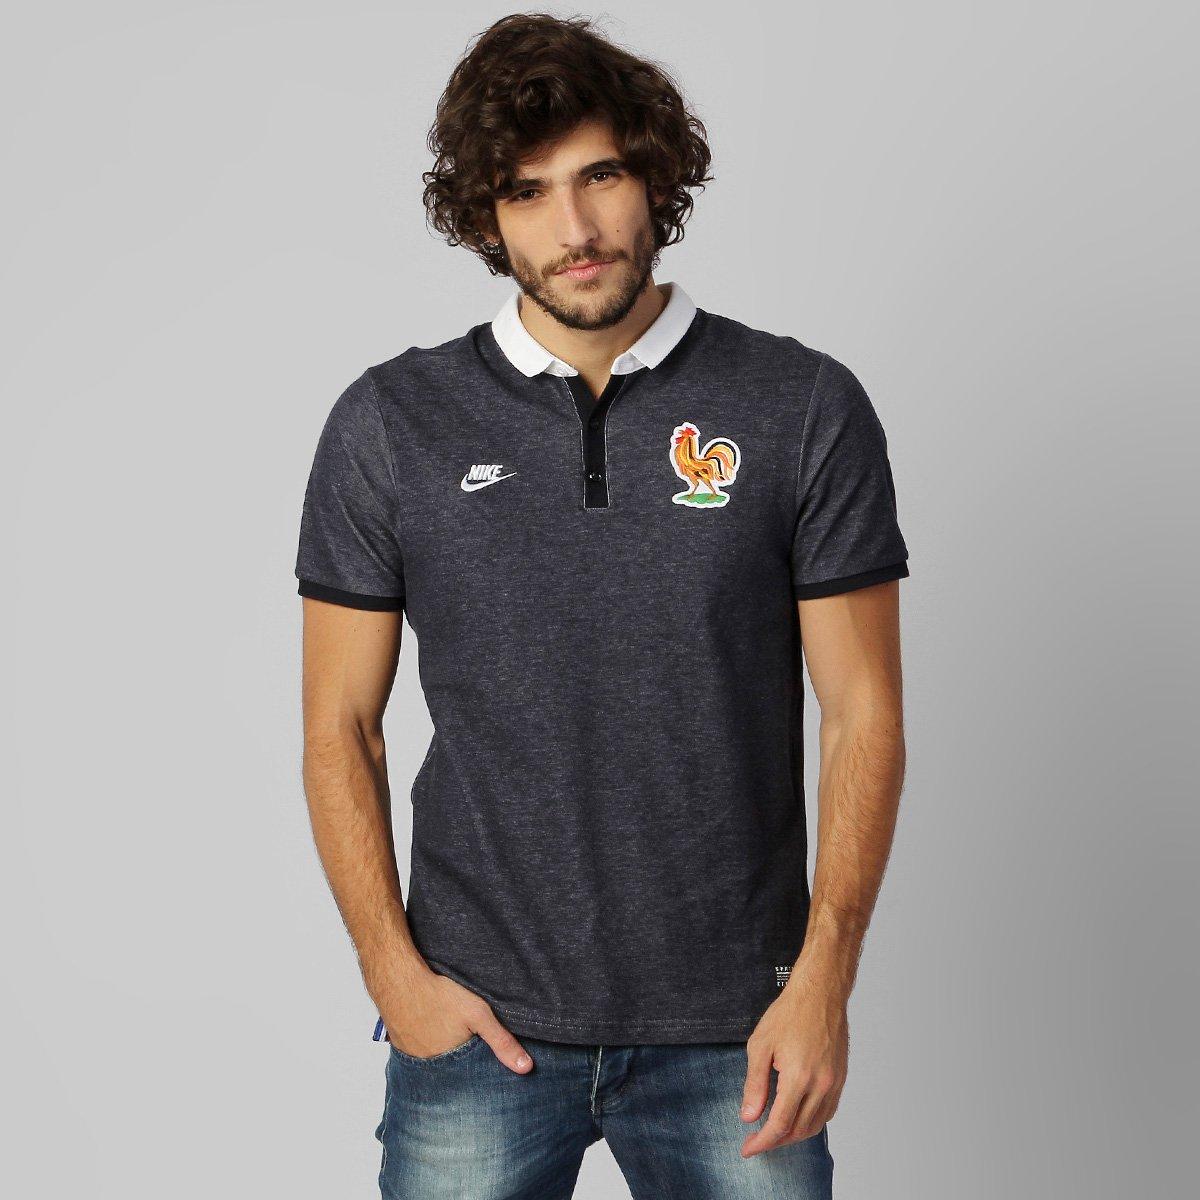 5b4937b2e6 Camisa Polo Nike Seleção França League 2014 - Compre Agora